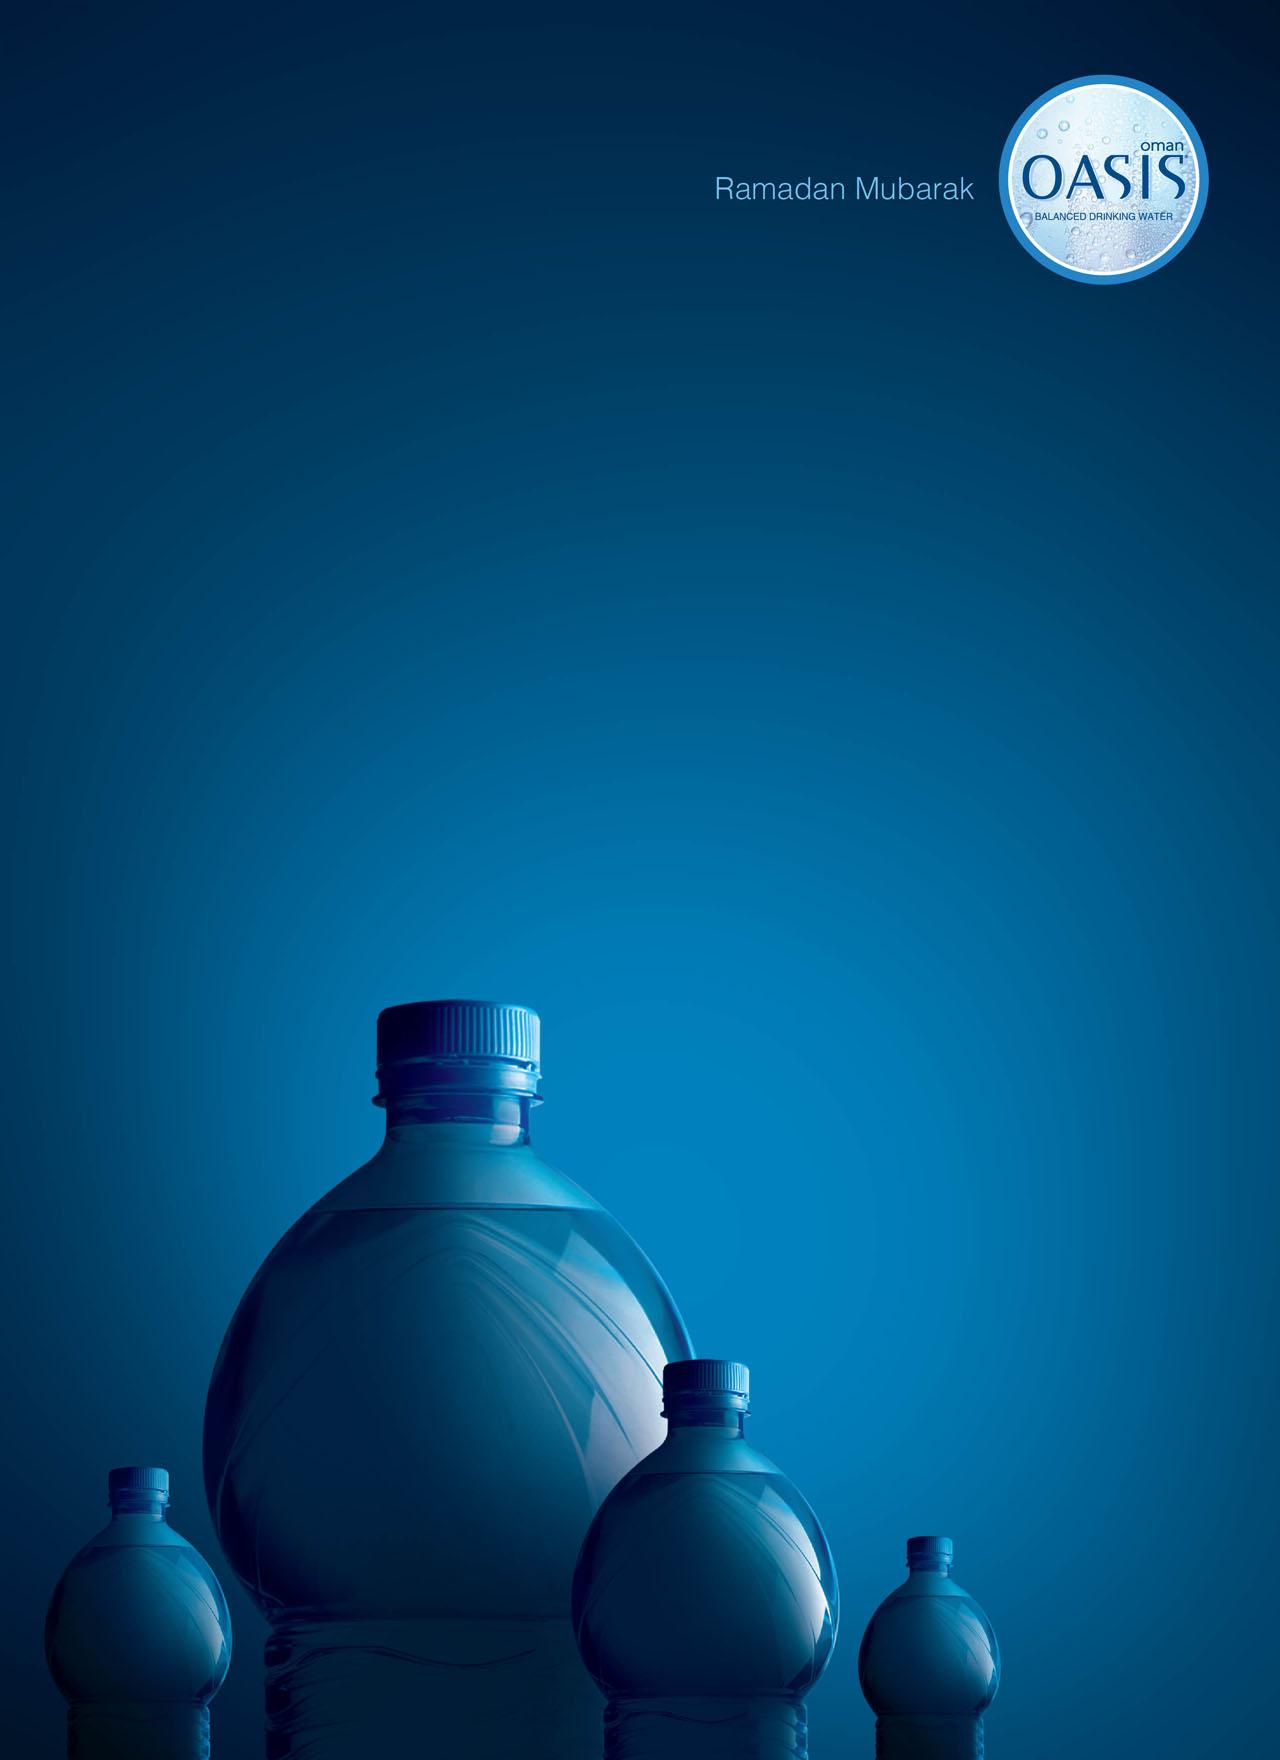 Oasis Water ramadan